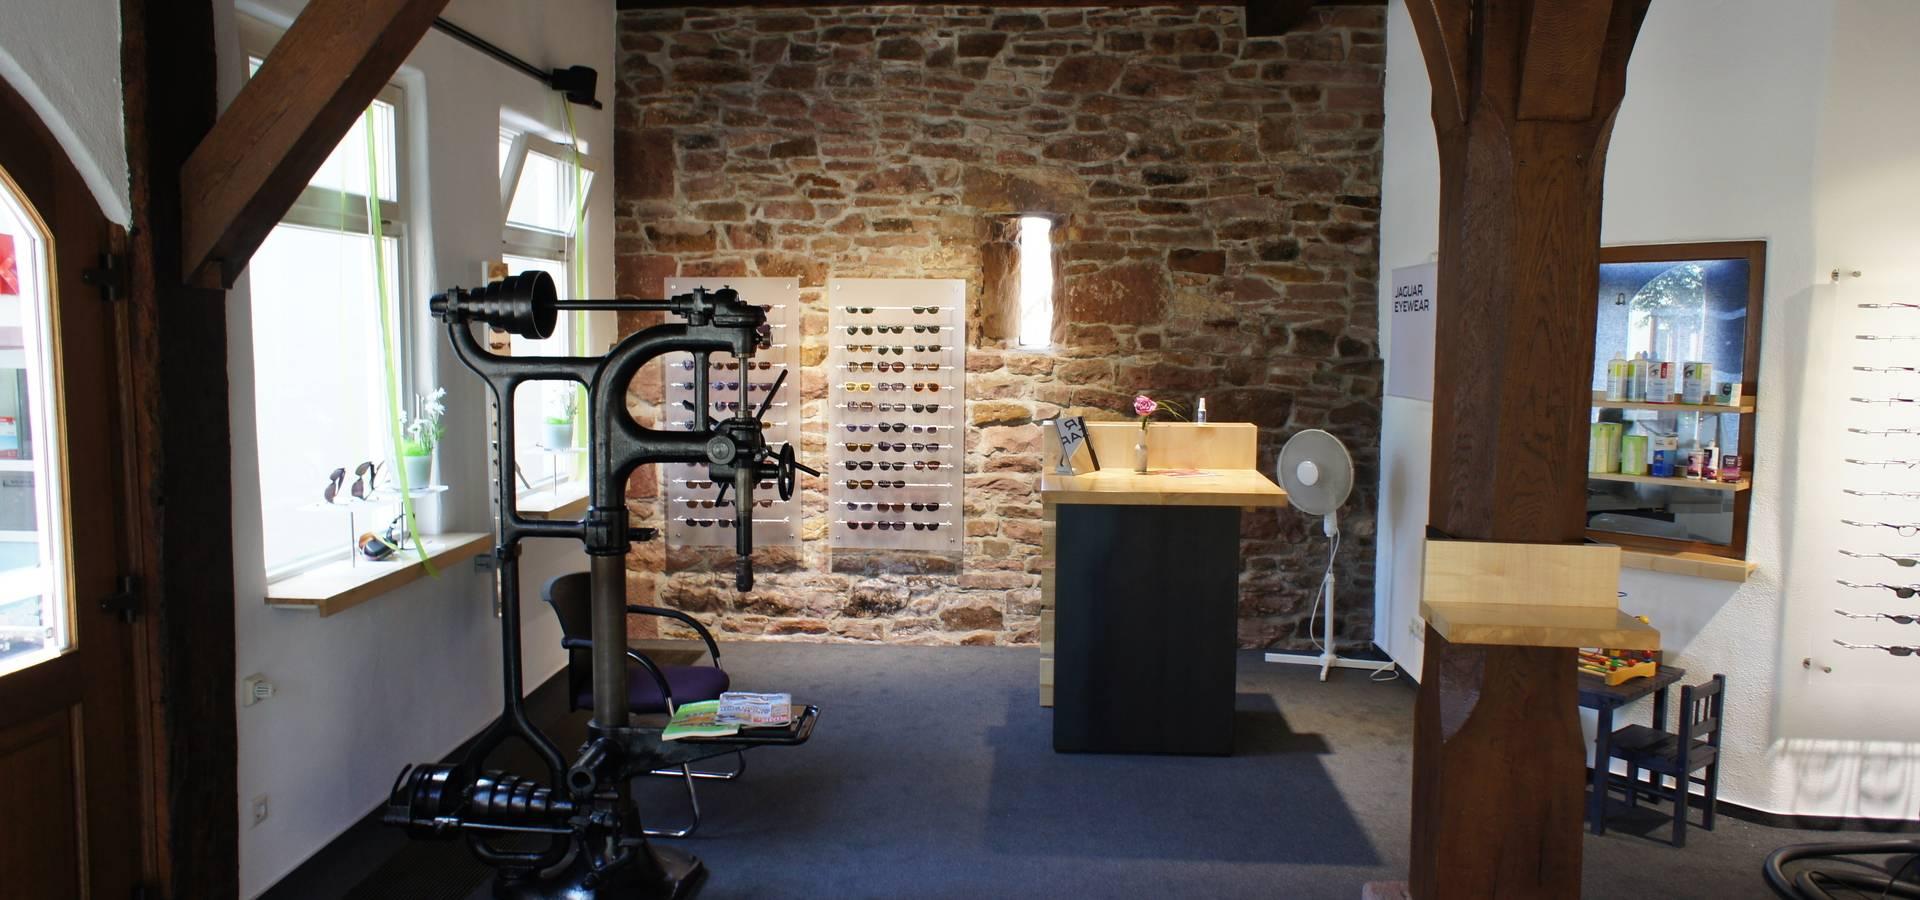 lampe por blindow m bel raum homify. Black Bedroom Furniture Sets. Home Design Ideas